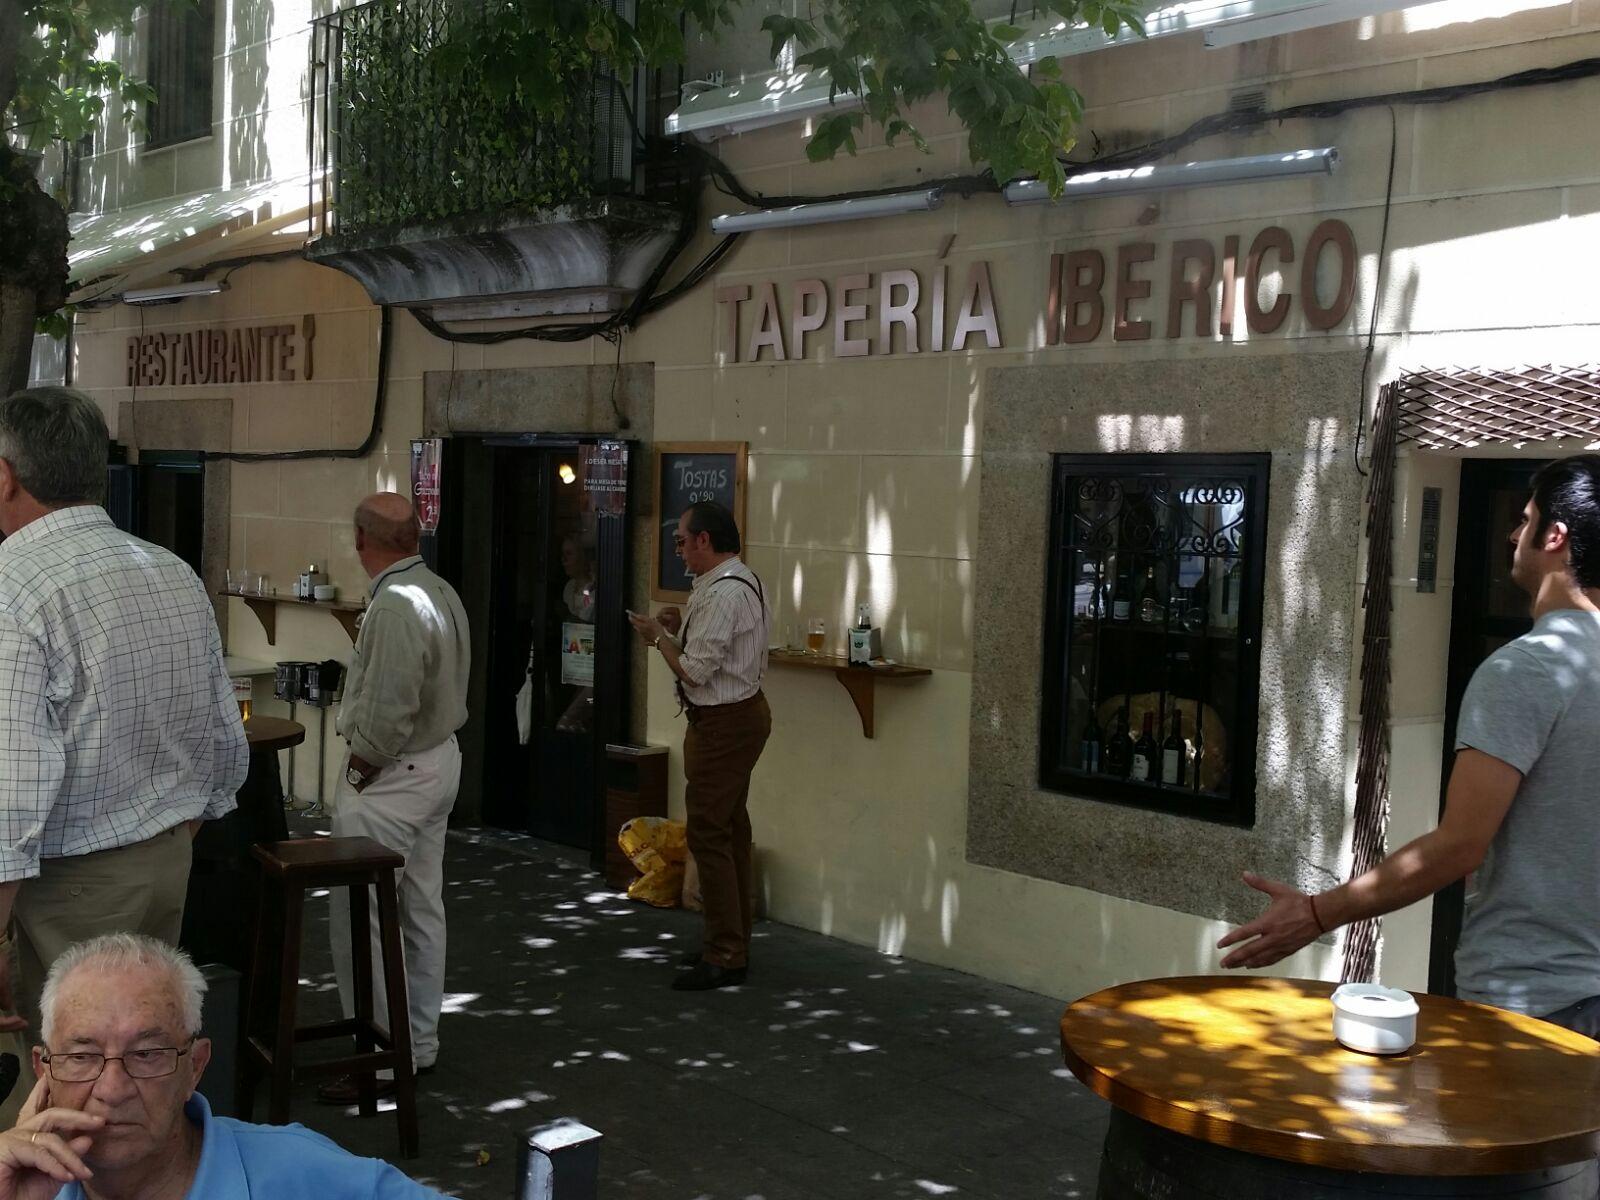 TAPERIA IBÉRICO, TAPERÍA ECONÓMICA EN CÁCERES, RESTAURANTE BARATO EN CÁCERES